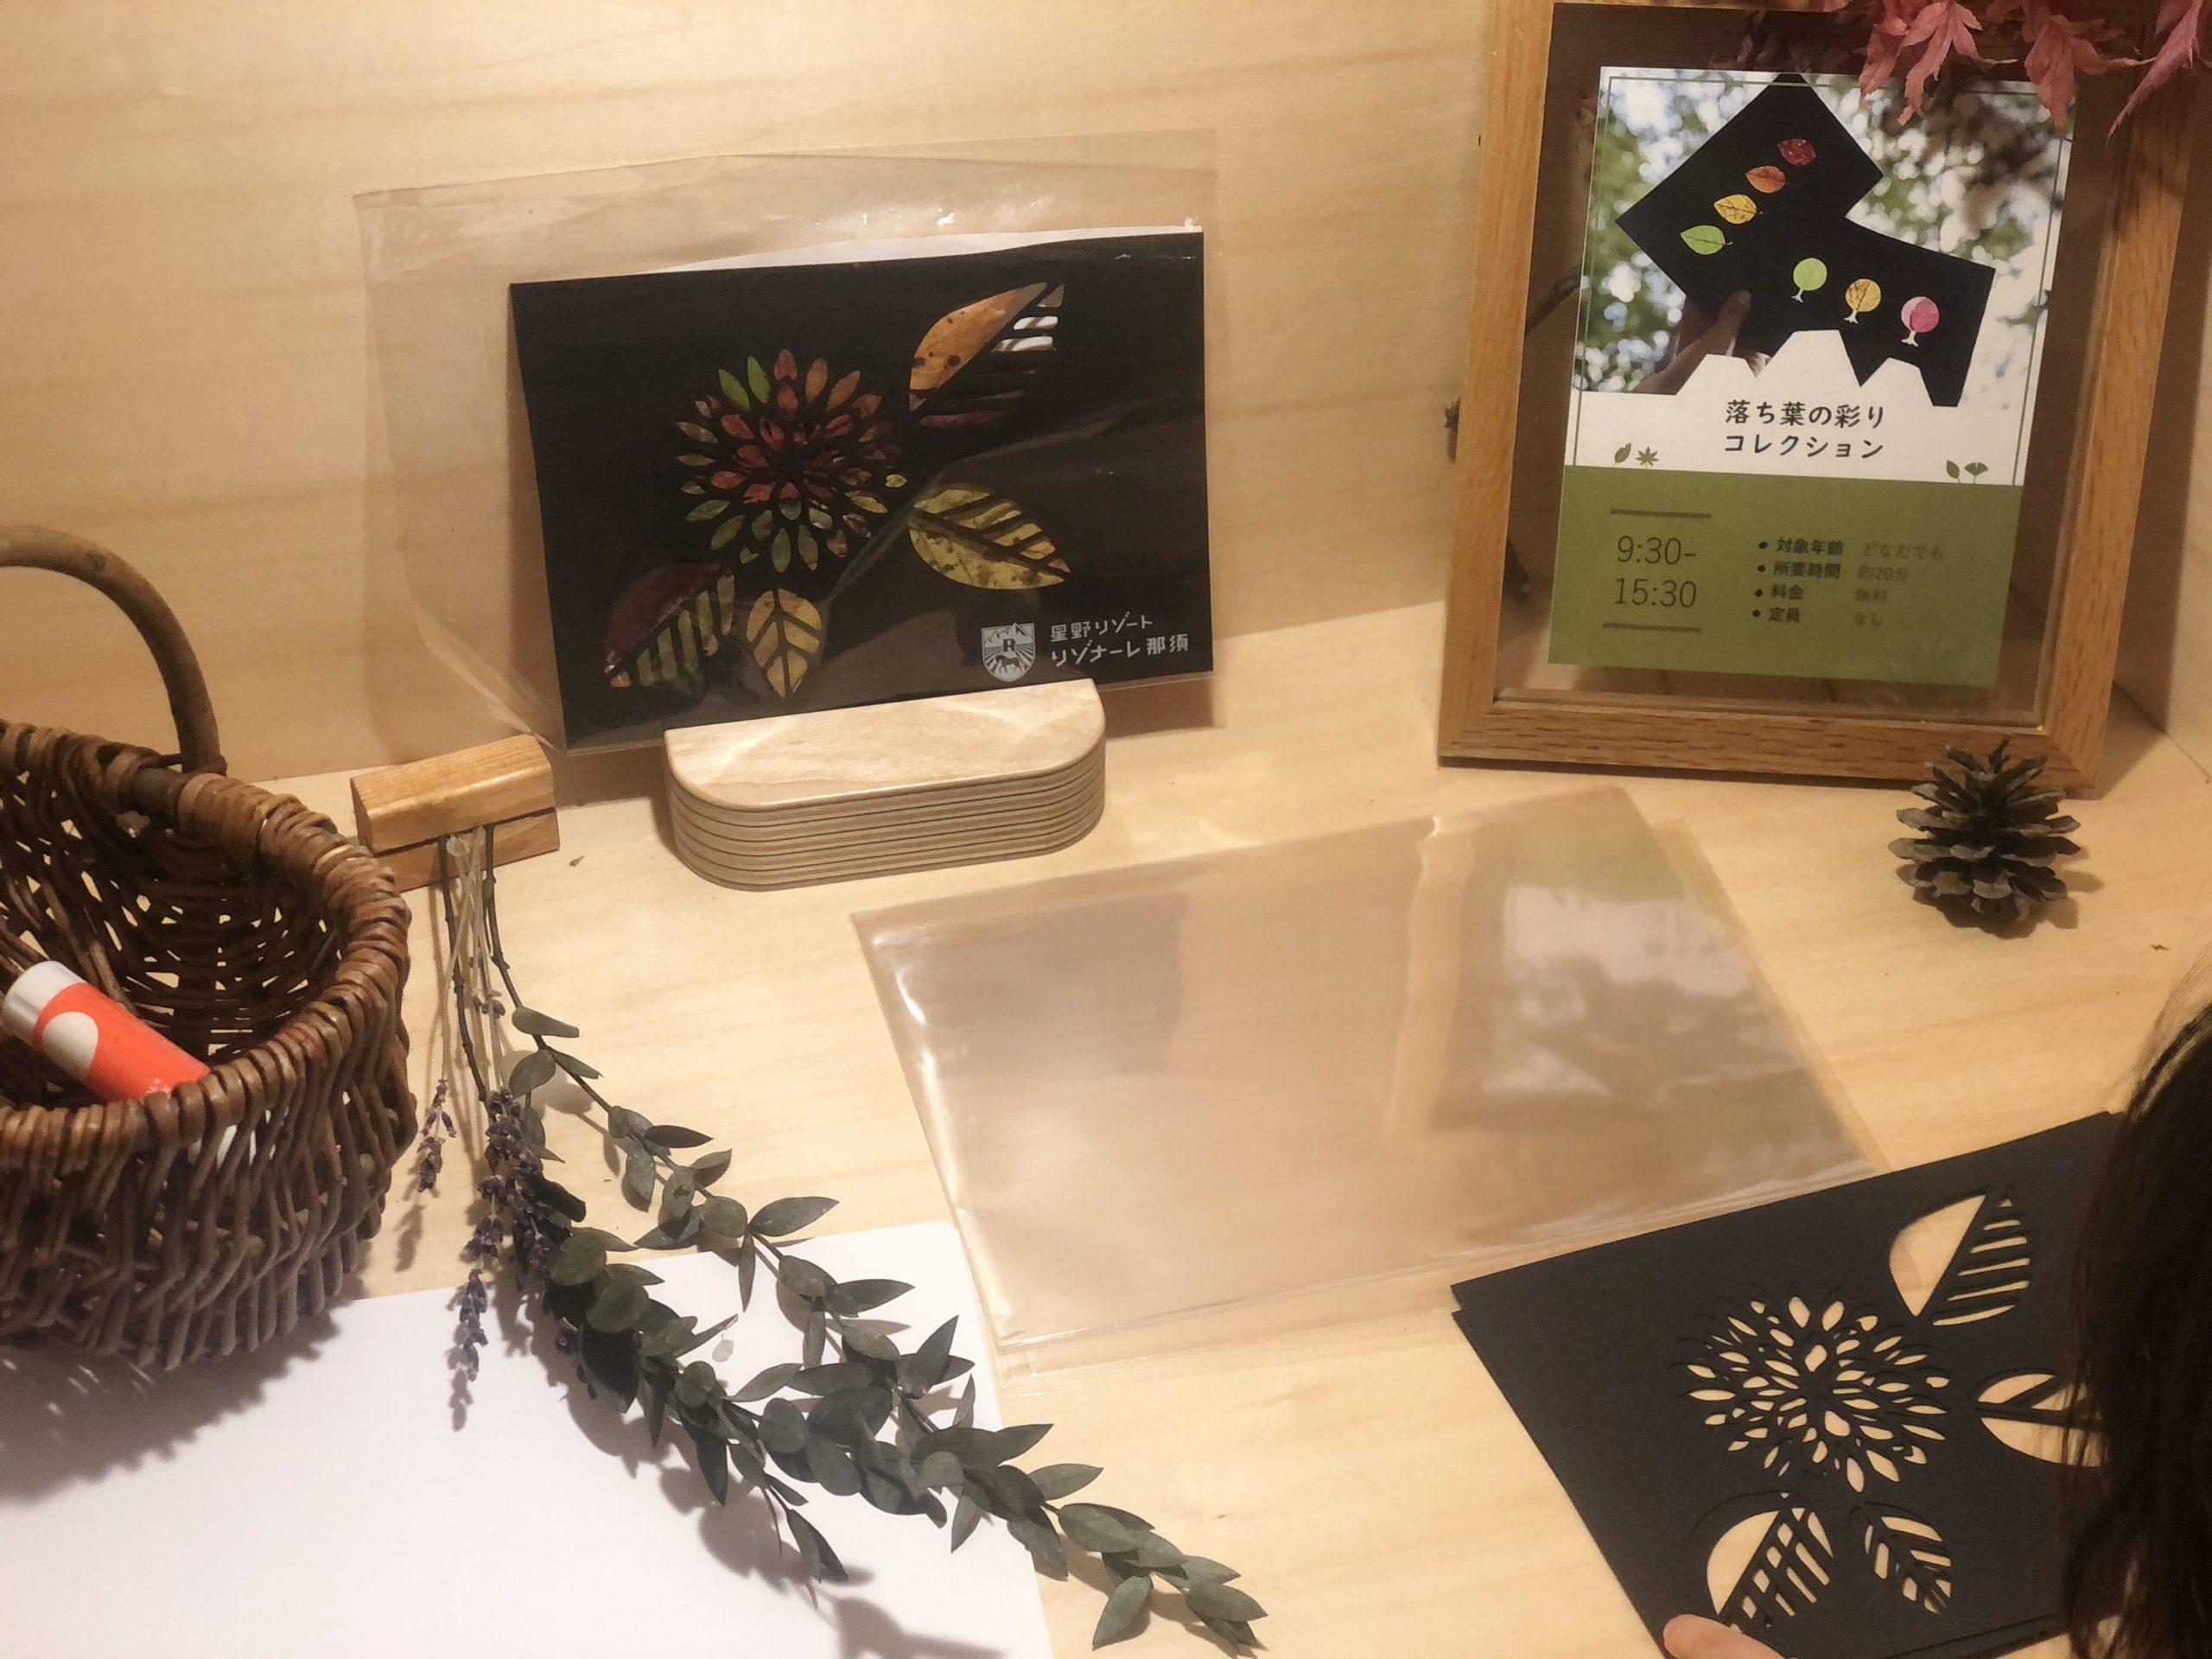 リゾナーレ那須落ち葉の彩りコレクション